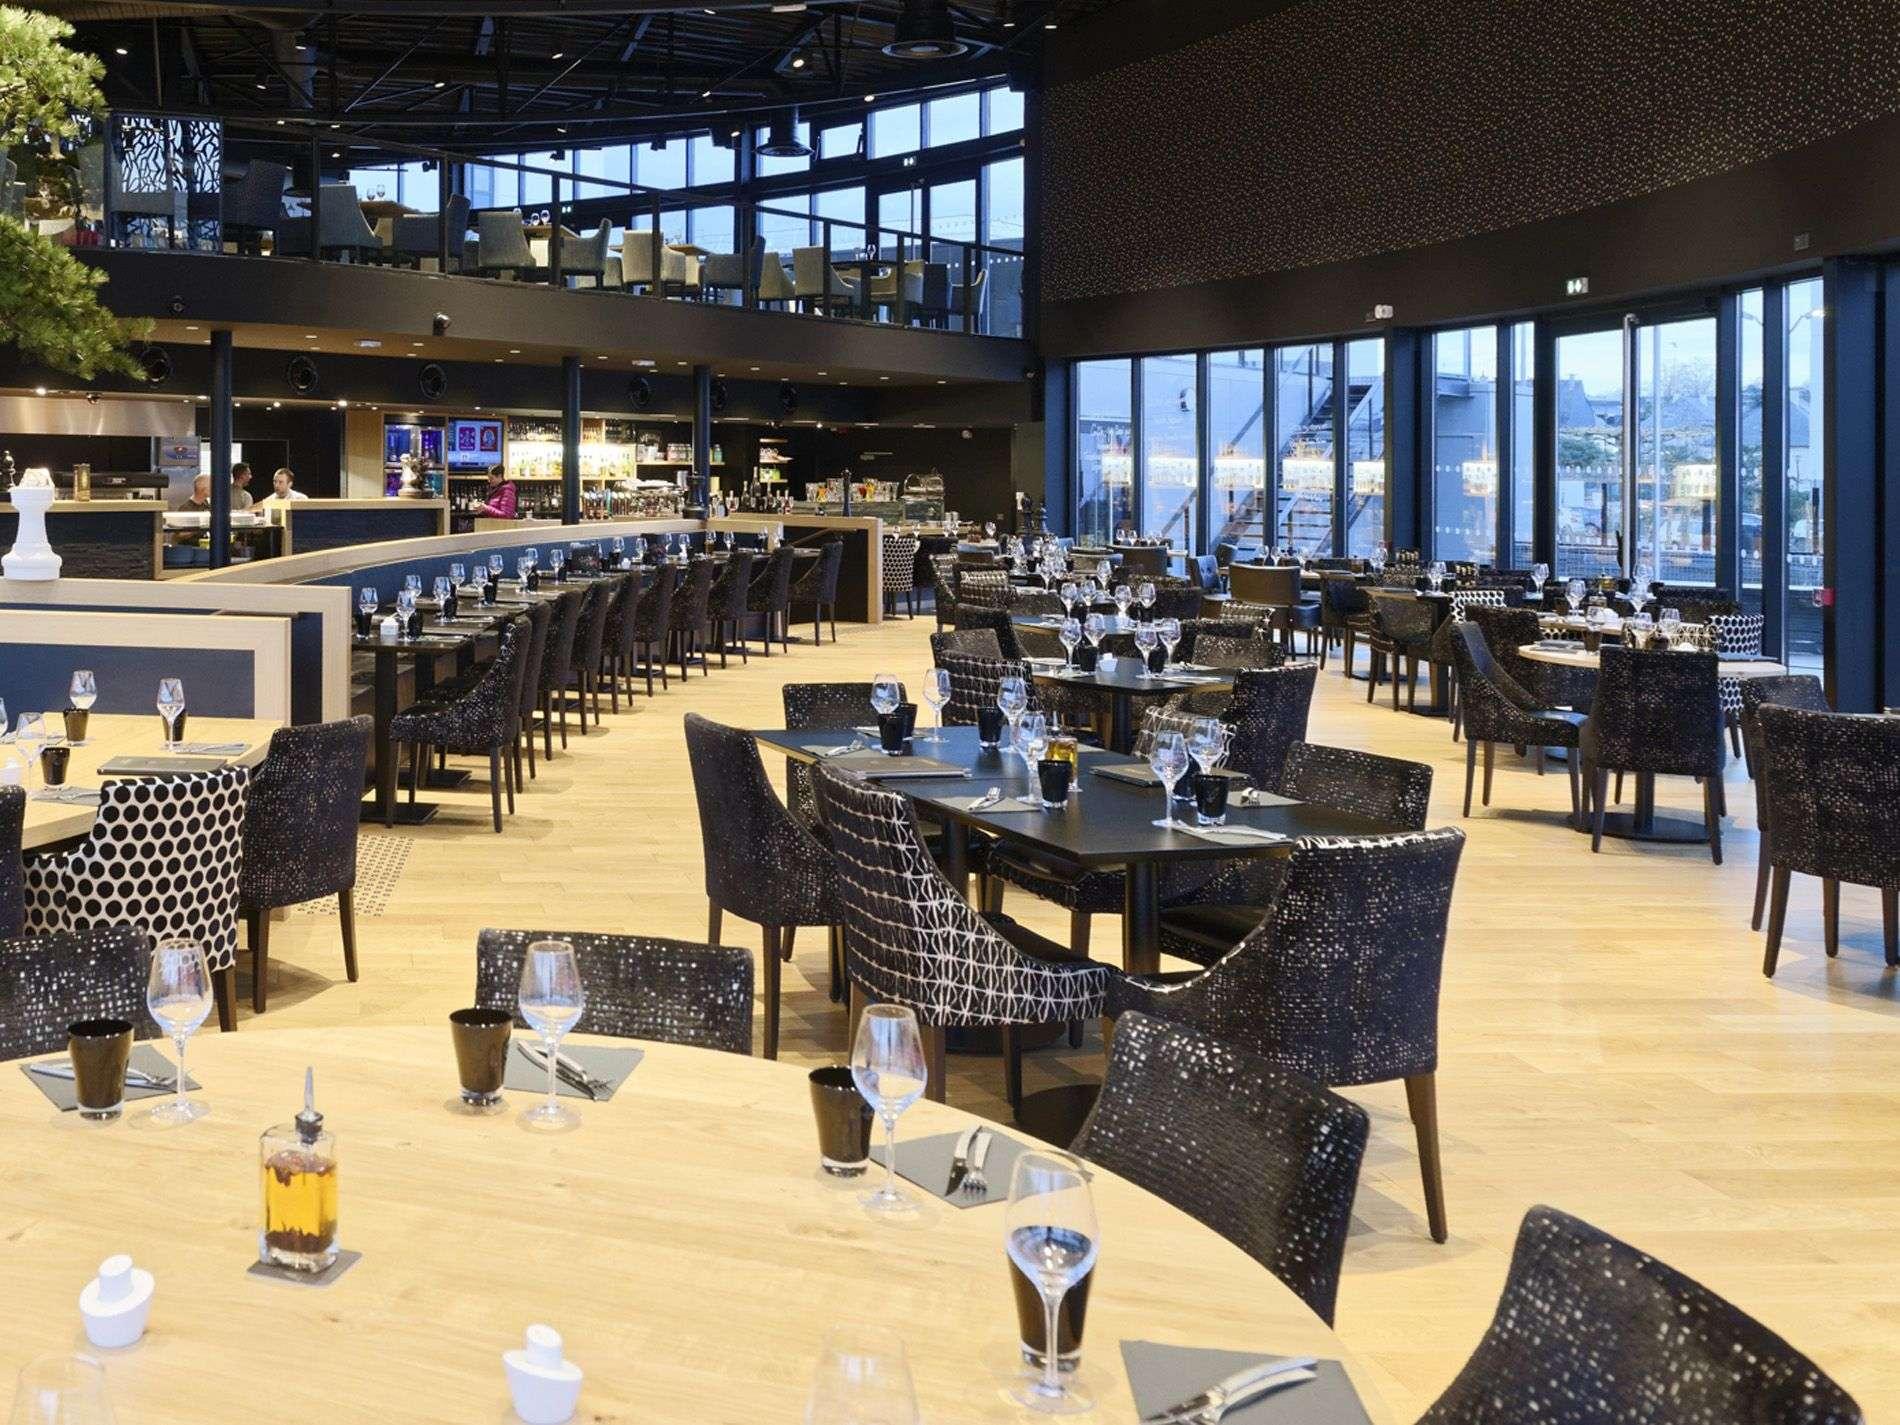 Pss discussion eurorennes quartier de la gare futur centre d 39 affaires - Comptoir des cotonniers rennes ...